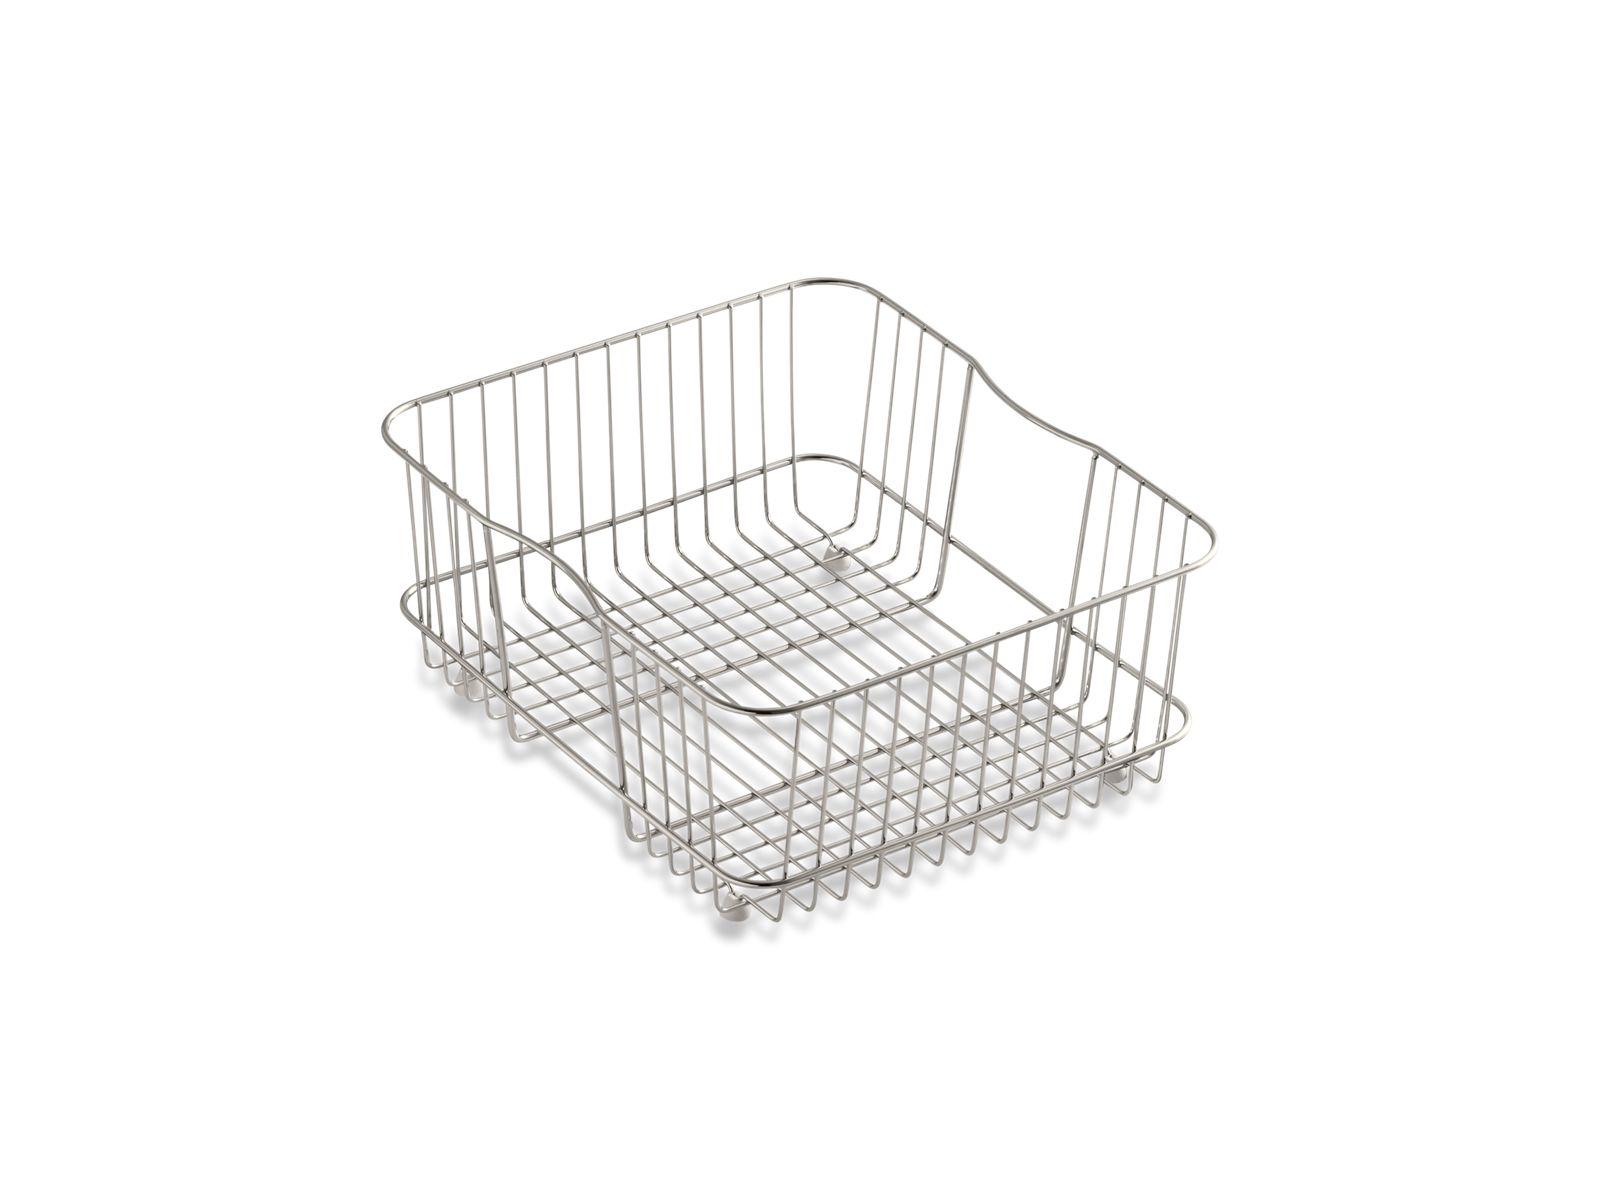 Superb Coated Sink Basket For Undertone Kitchen Sinks | K 3277 | KOHLER